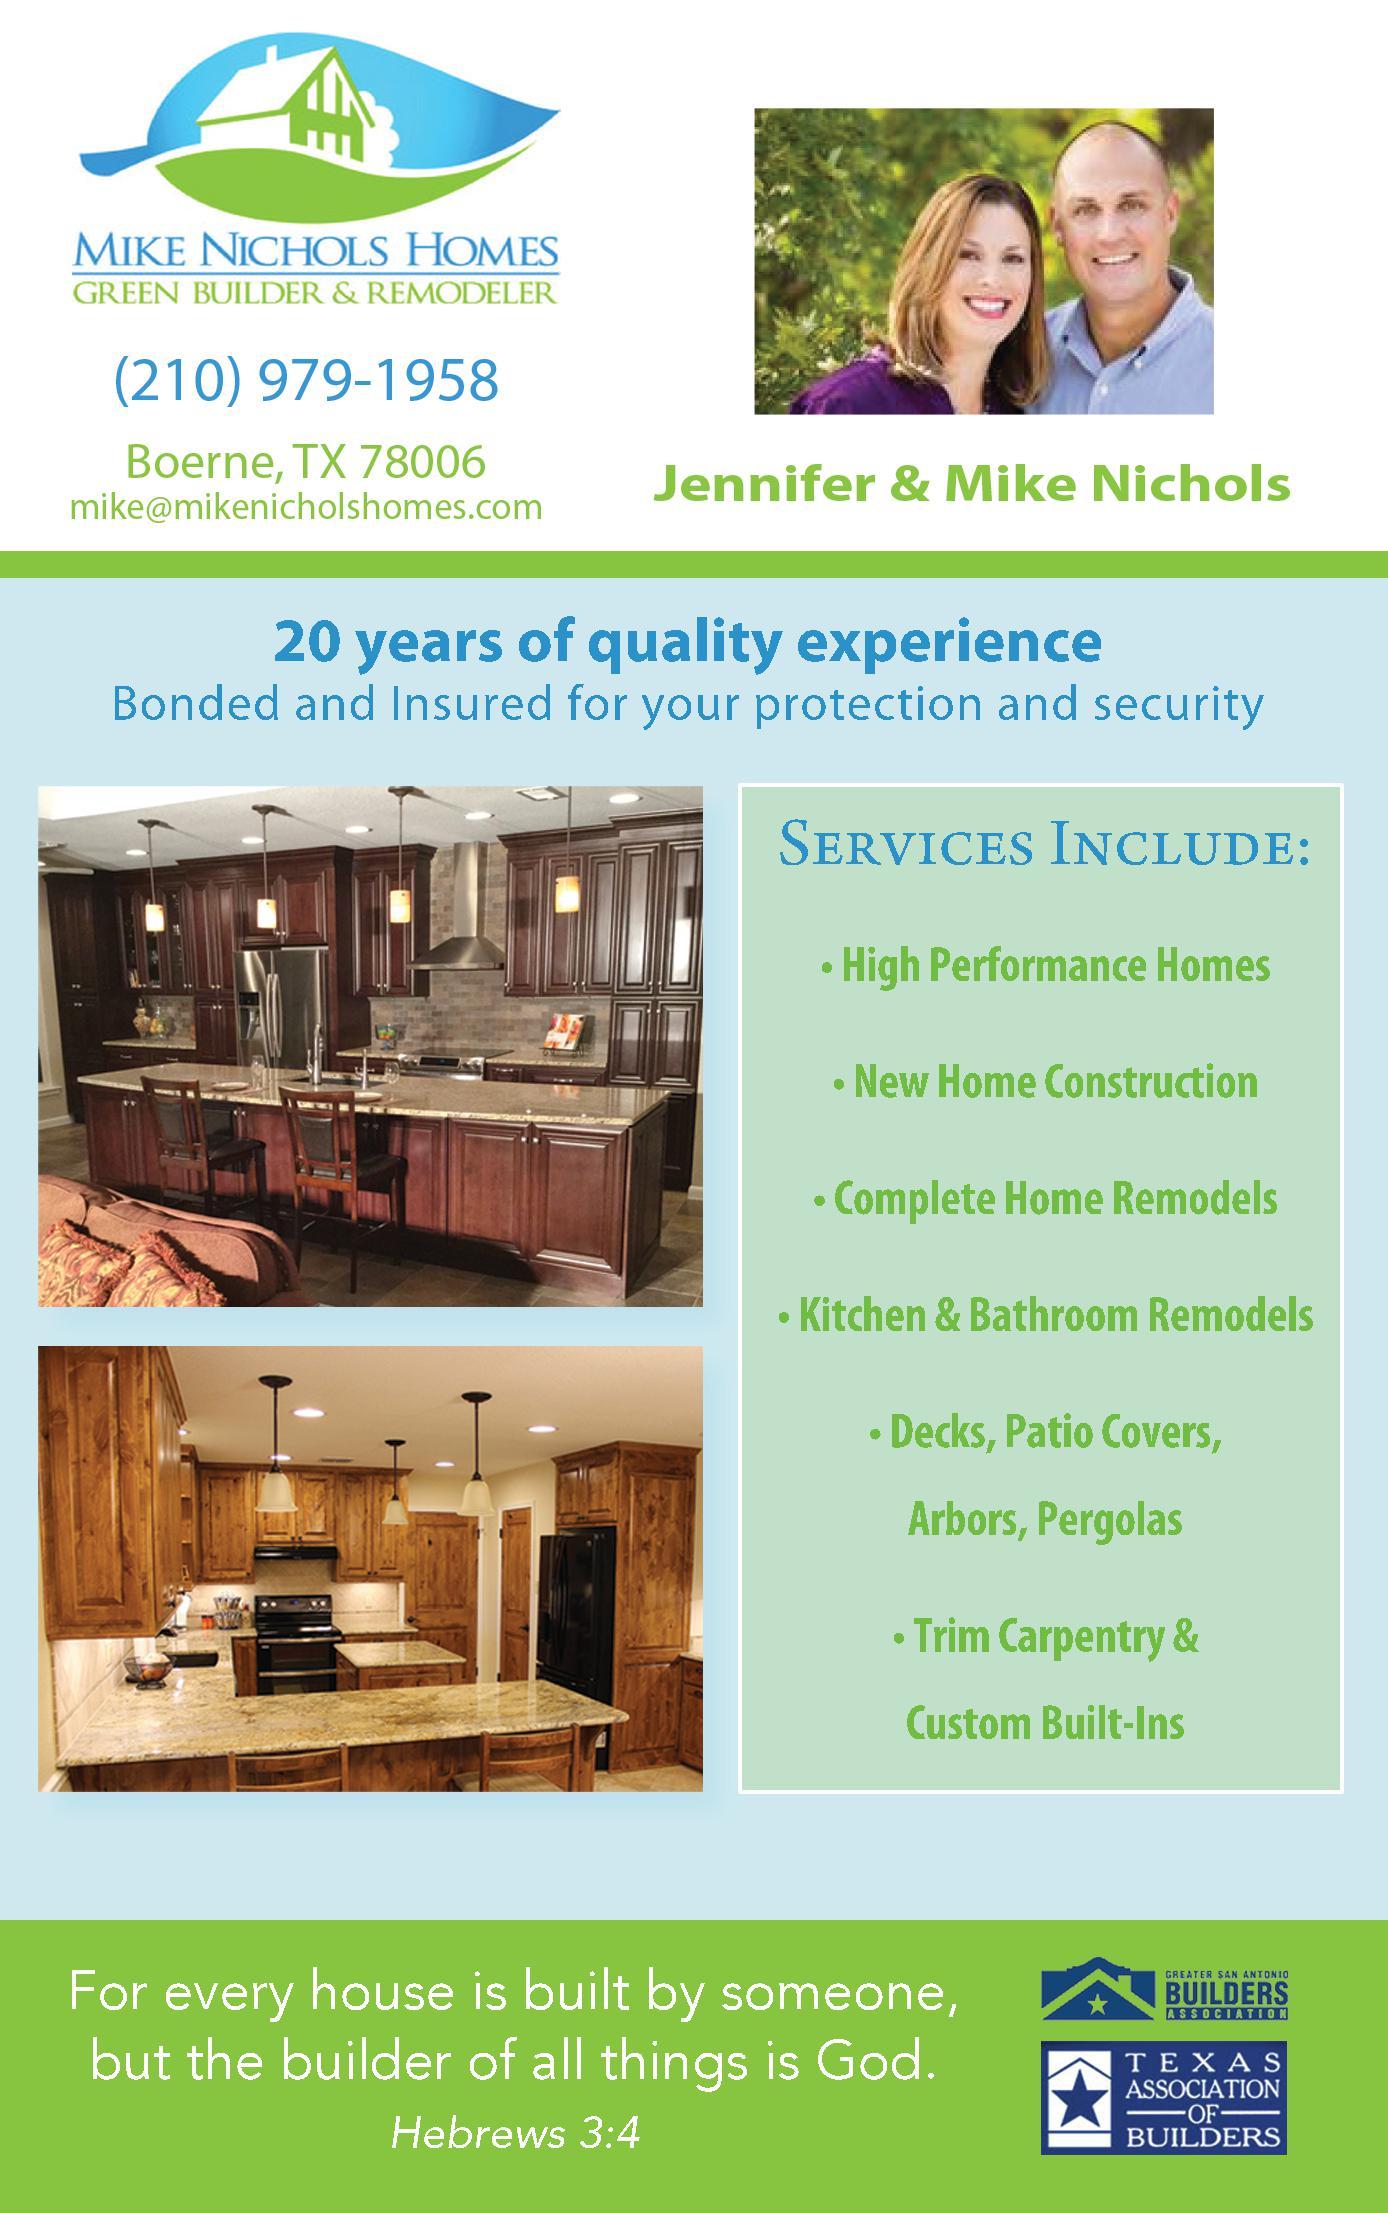 Mike Nichols Homes, LLC